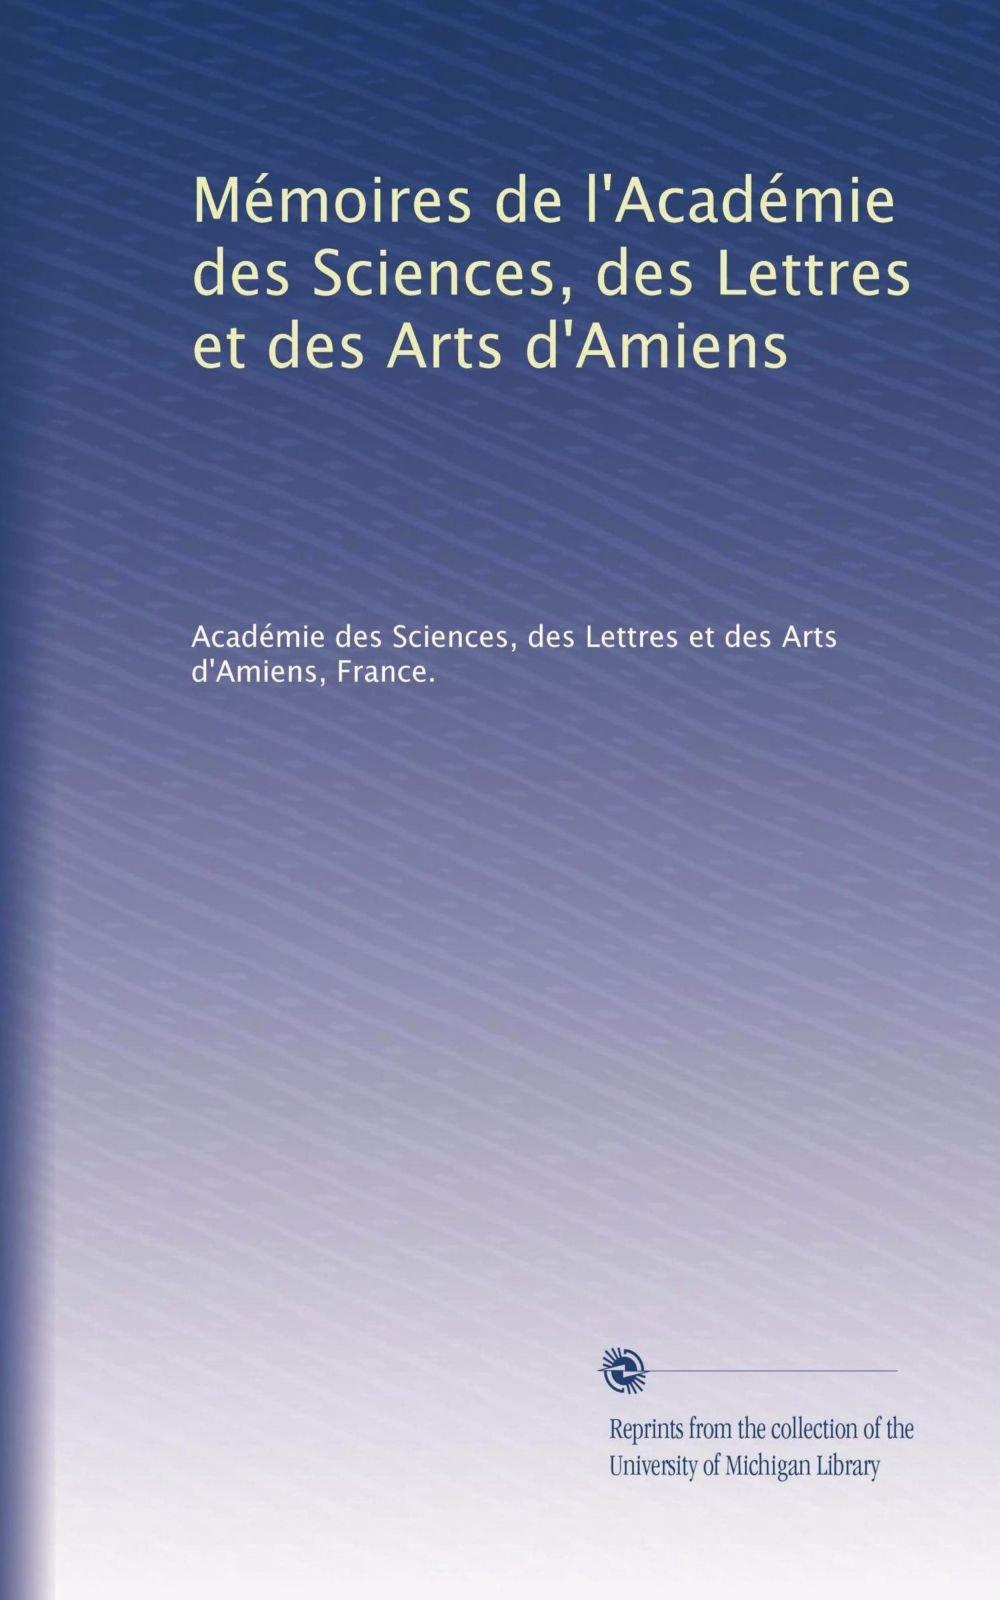 Download Mémoires de l'Académie des Sciences, des Lettres et des Arts d'Amiens (French Edition) ebook